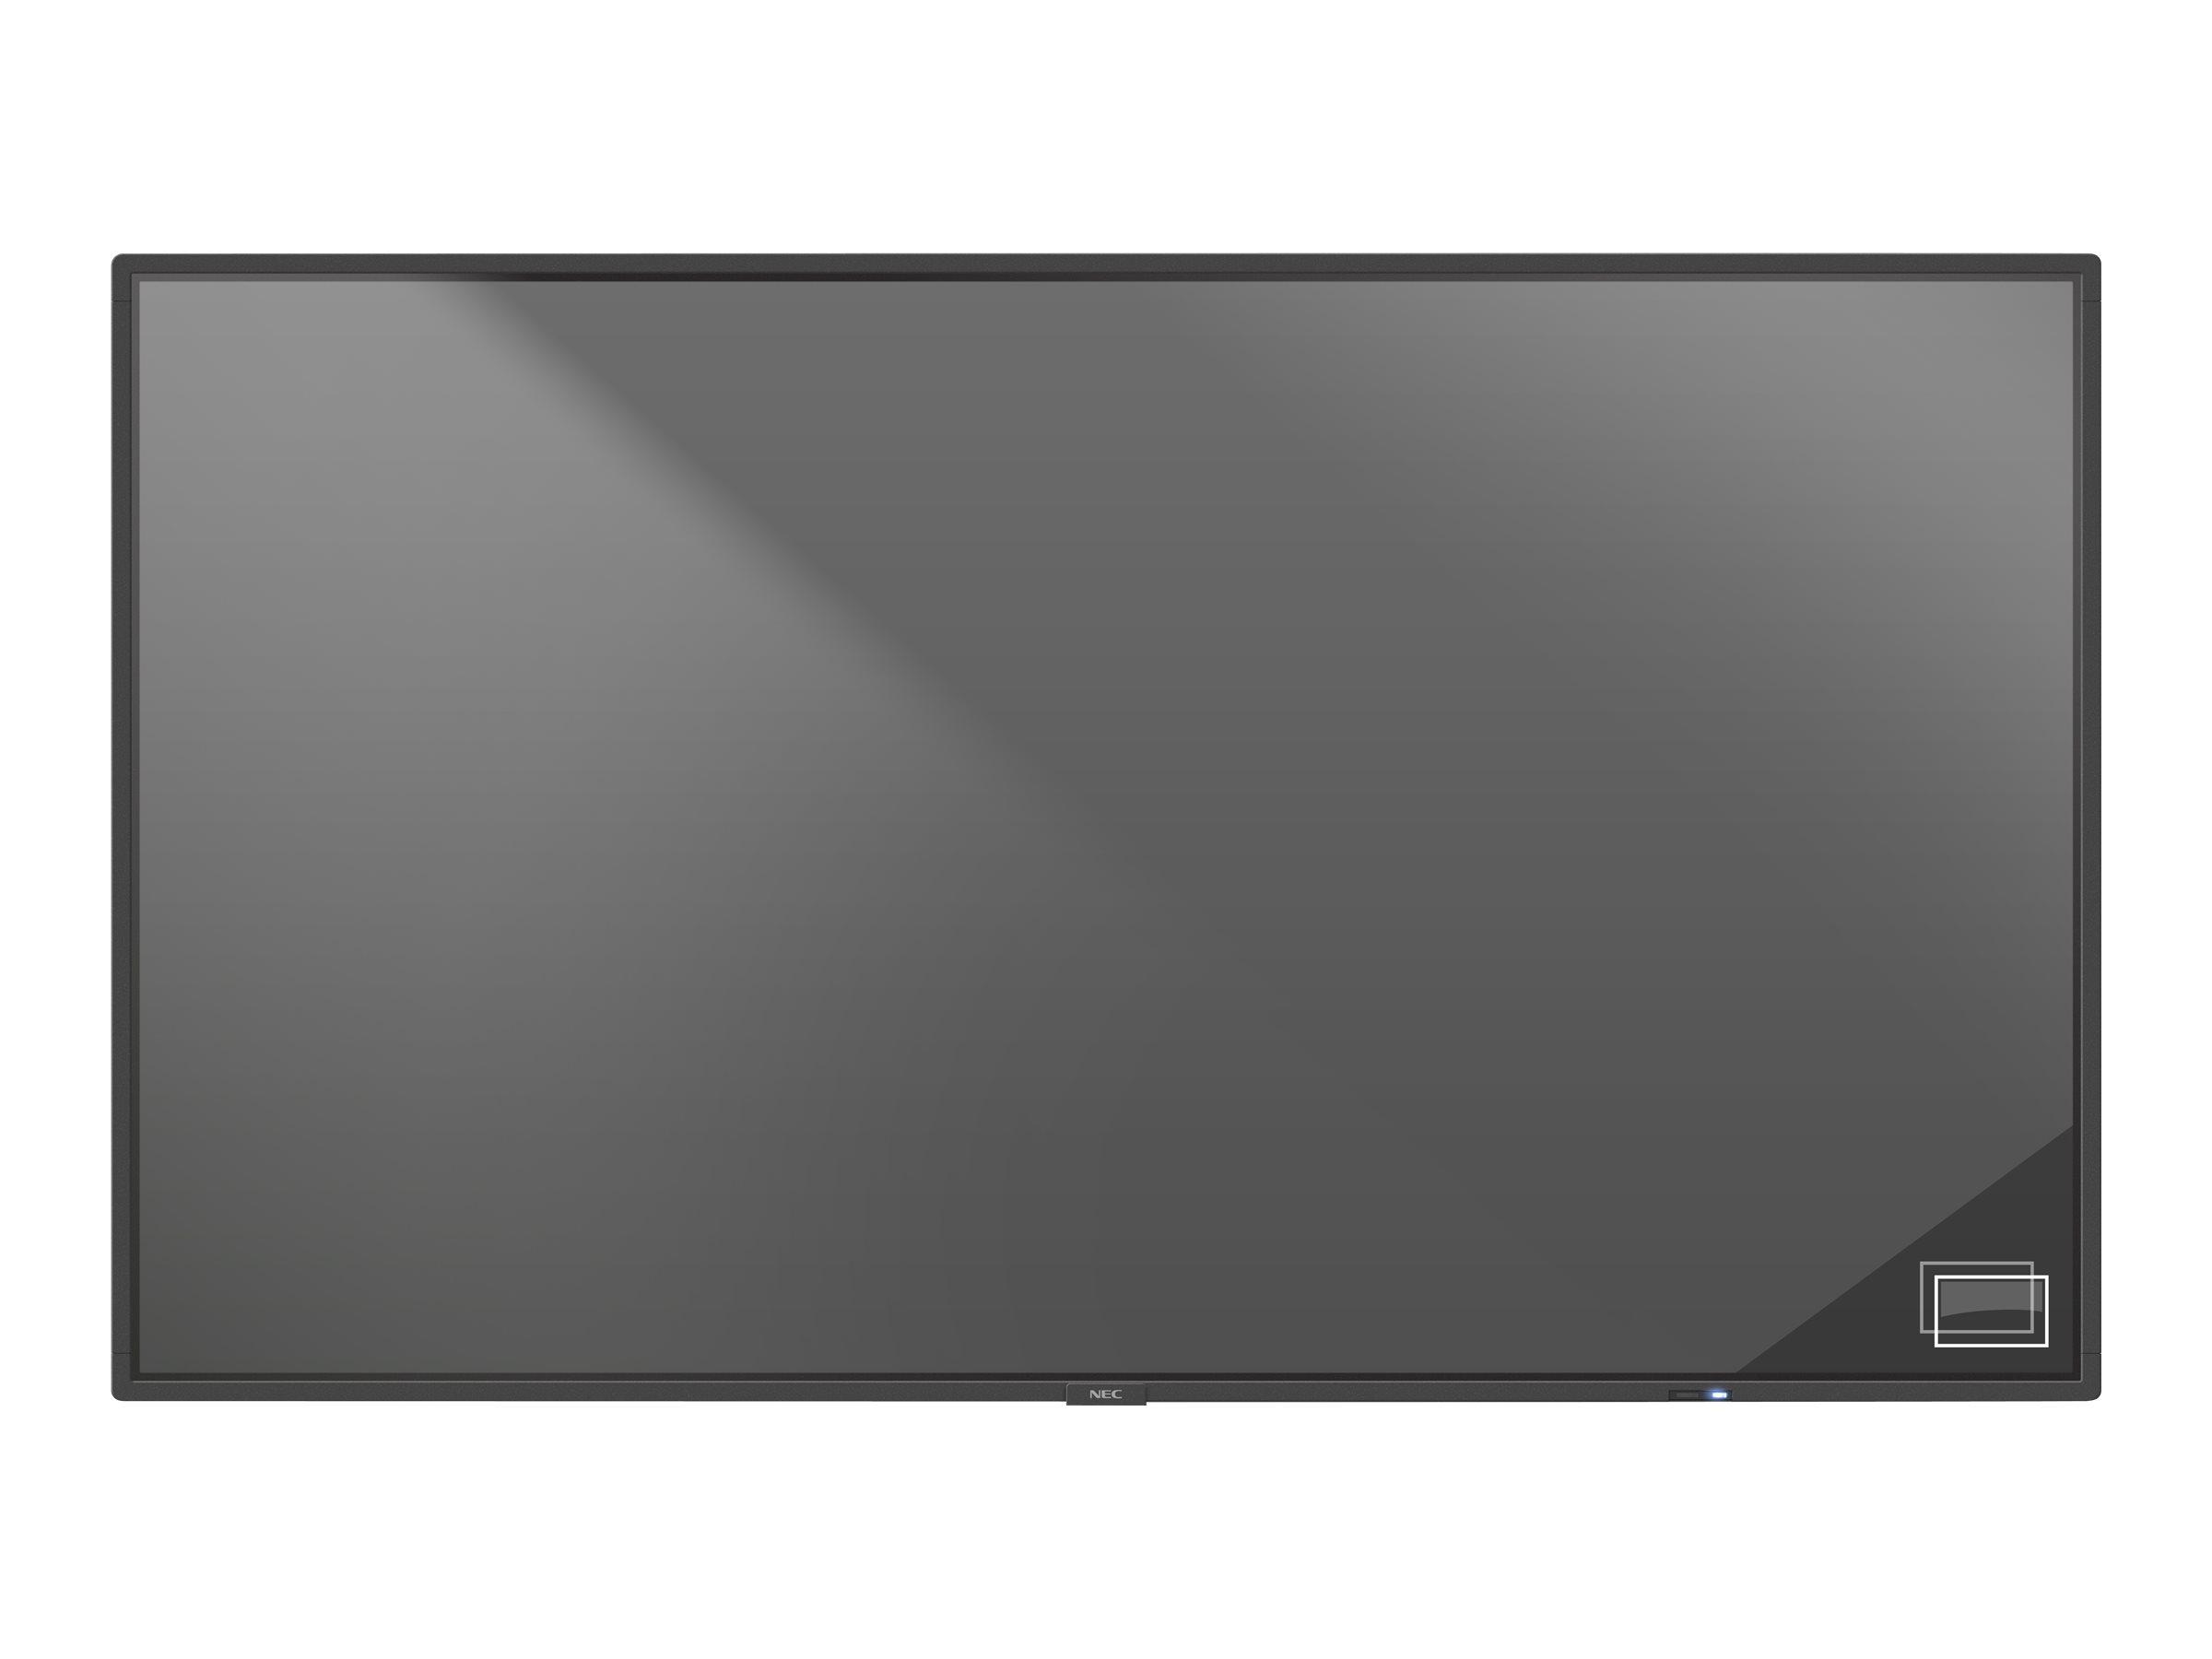 NEC MultiSync V404 PG - 101.6 cm (40